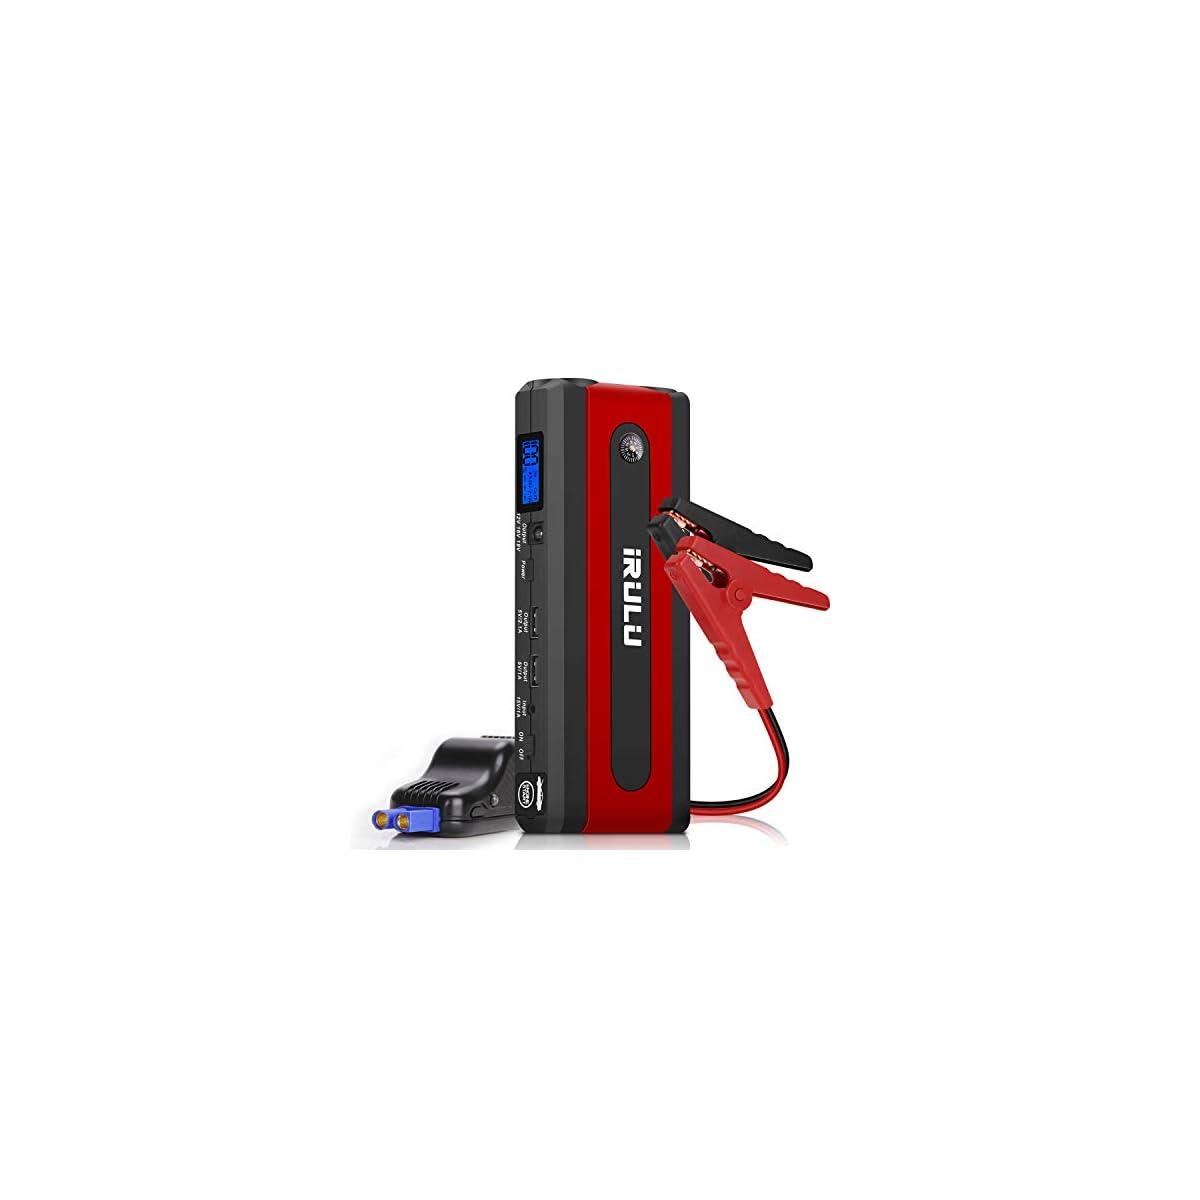 41WaOsMYlPL. SS1200  - Arrancador de emergencia para automóvil (hasta 6 litros de gasolina, motor diesel de 4,5 litros) iRULU 600A Pico 13600mAh Portátil portátil Batería de batería Batería